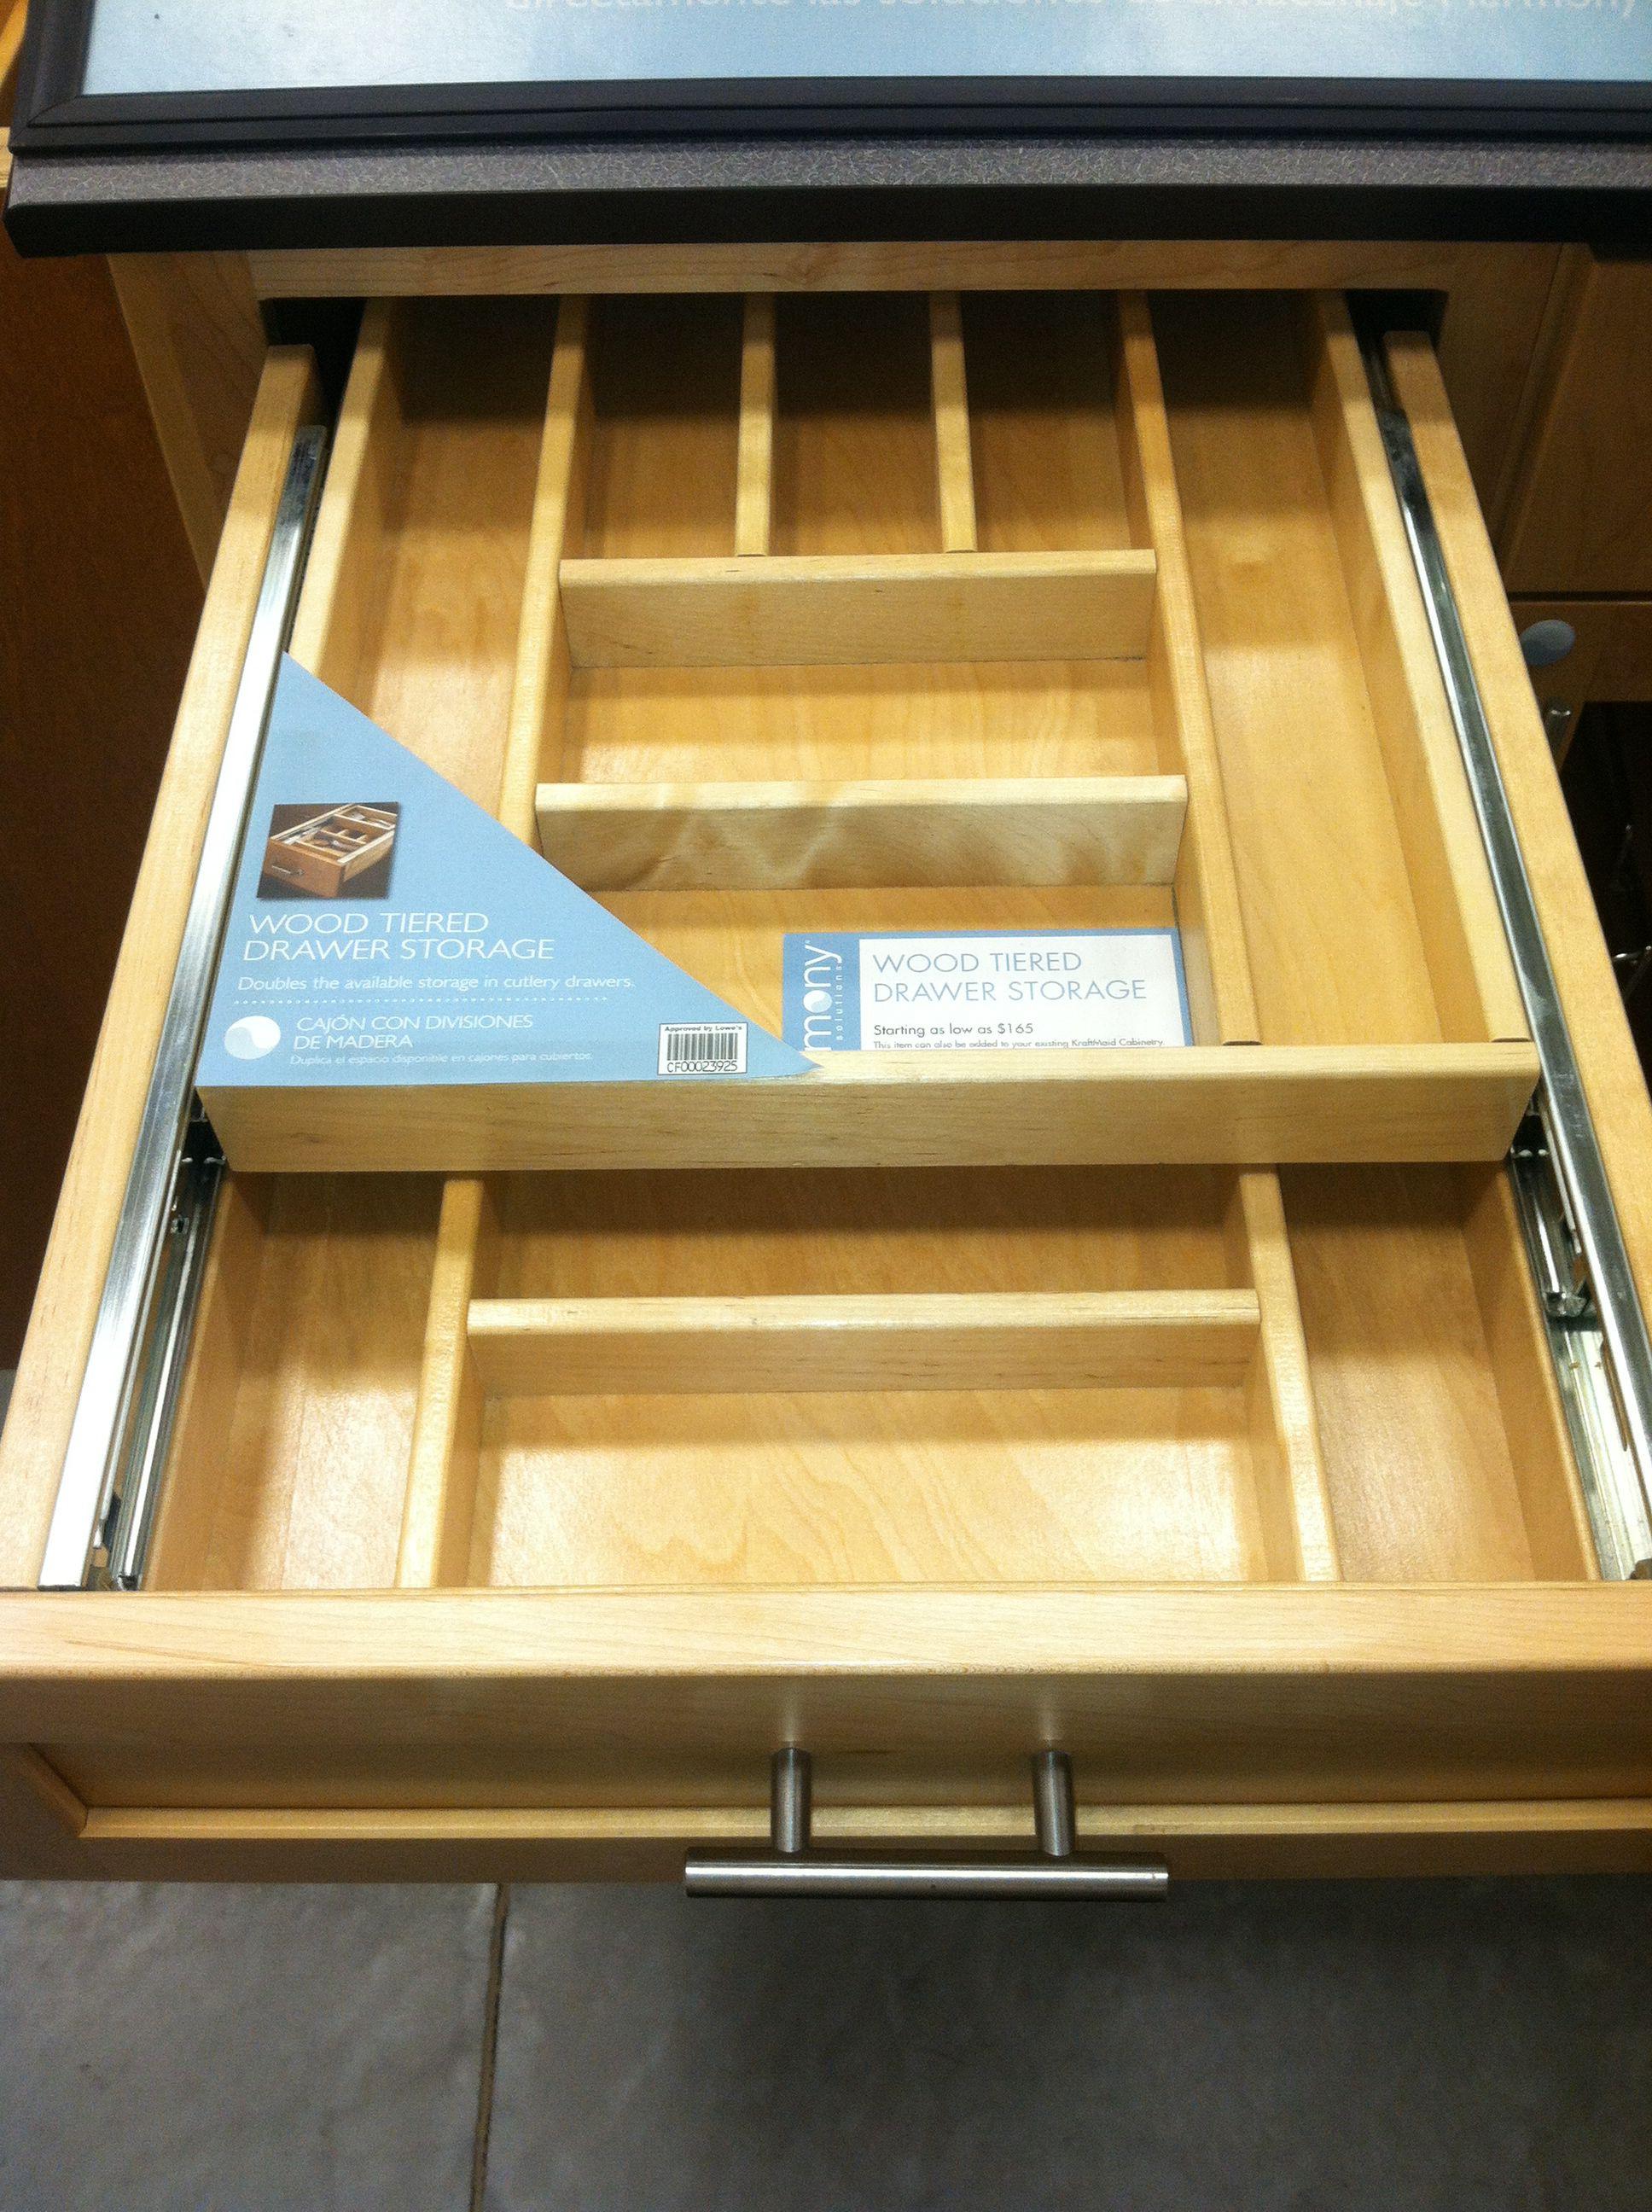 Doublelayer drawer organization or tool drawer junk drawer supply